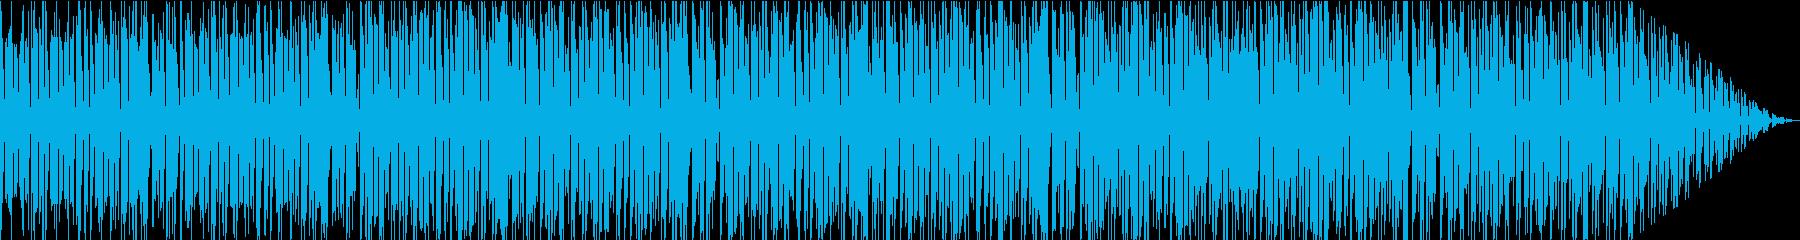 軽快で楽しいポップなエレクトロニカの再生済みの波形